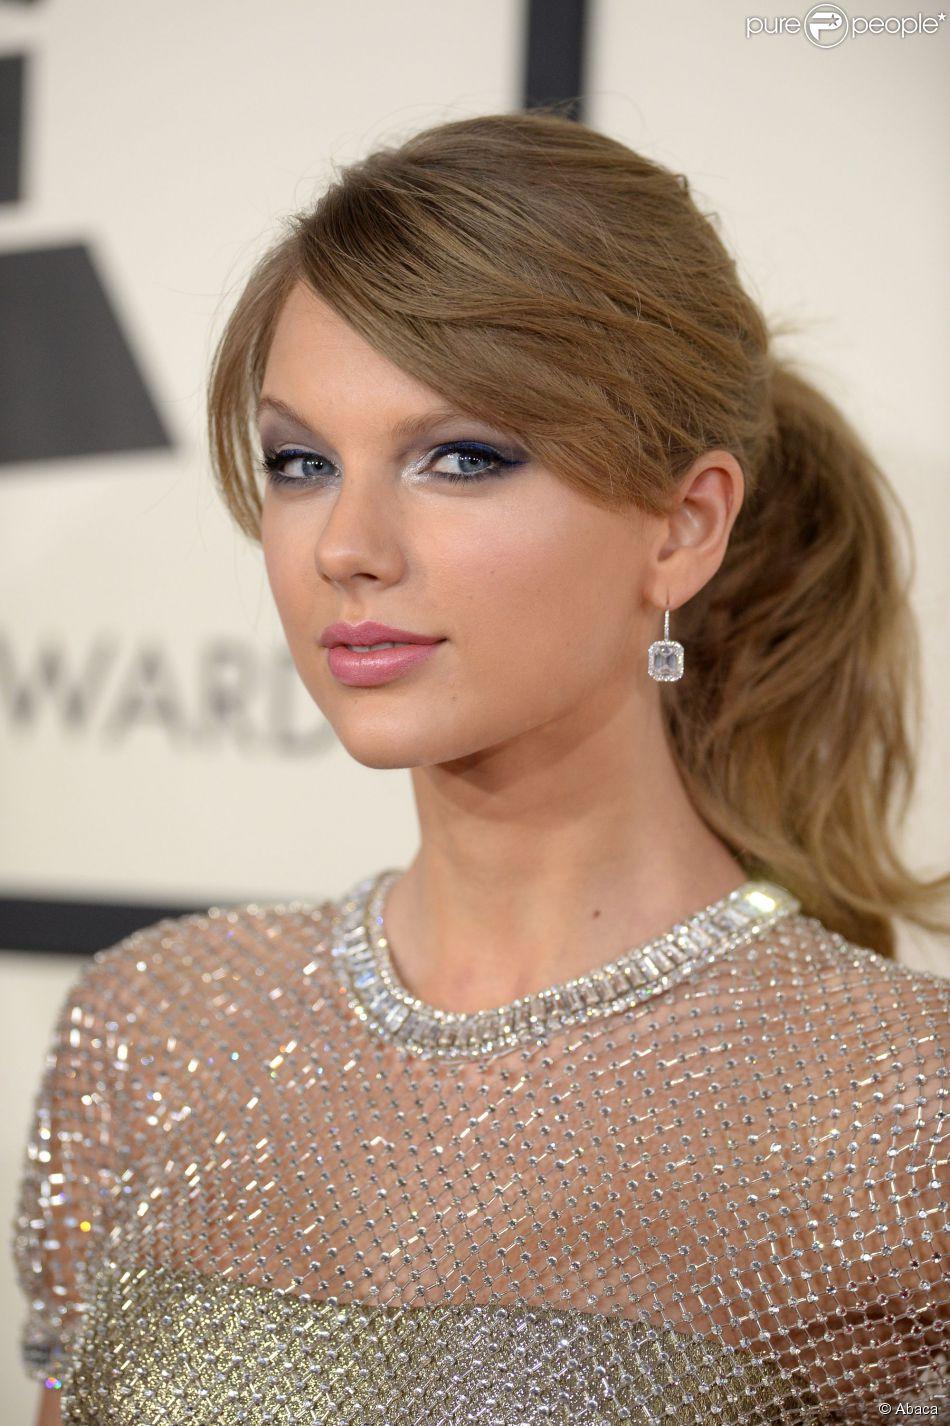 Taylor Swift termina relacionamento com Evan Spiegel, um dos fundadores da rede Snapchat